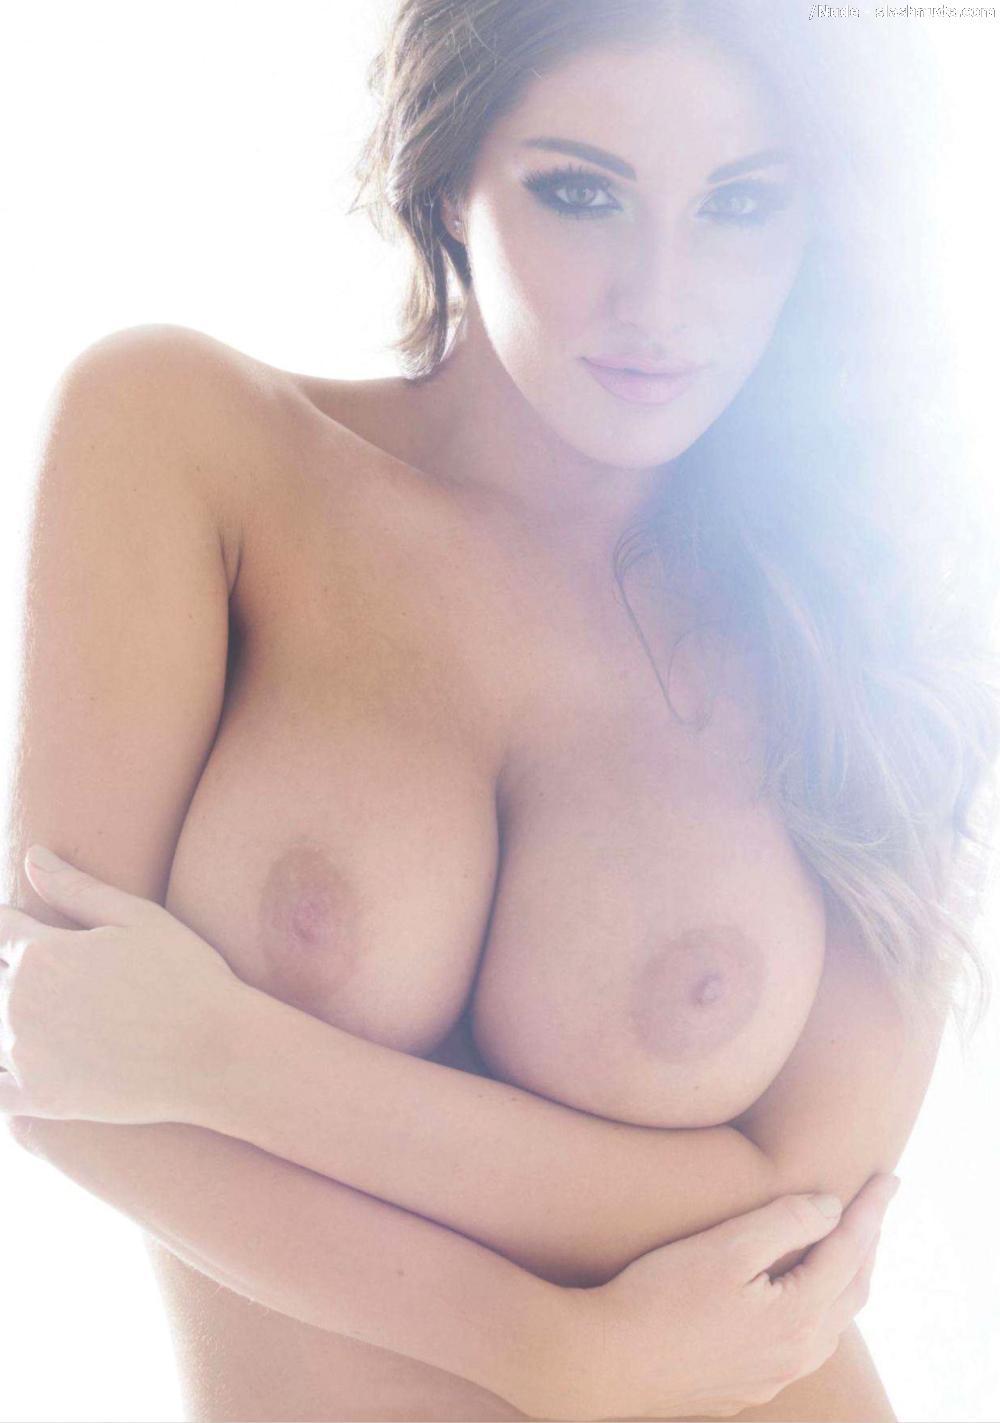 Actress Porn Amateur Natural Tits naked big boobs sexy huge boobs big black natural boobs and